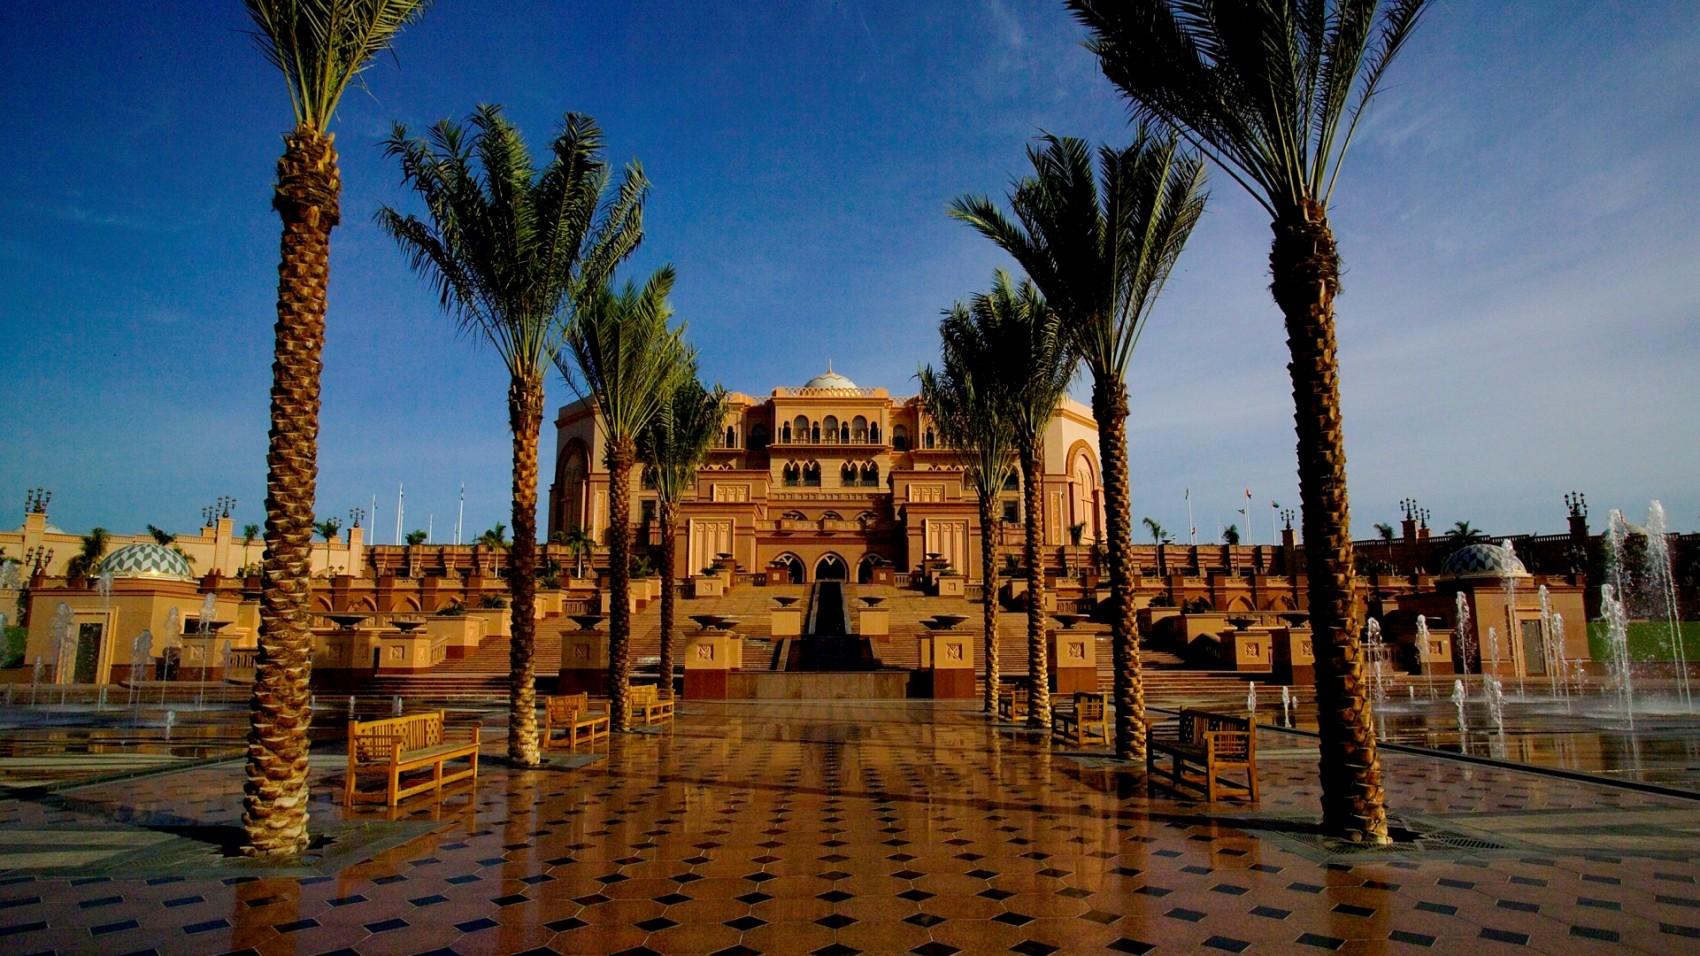 Восточная роскошь в Абу-Даби